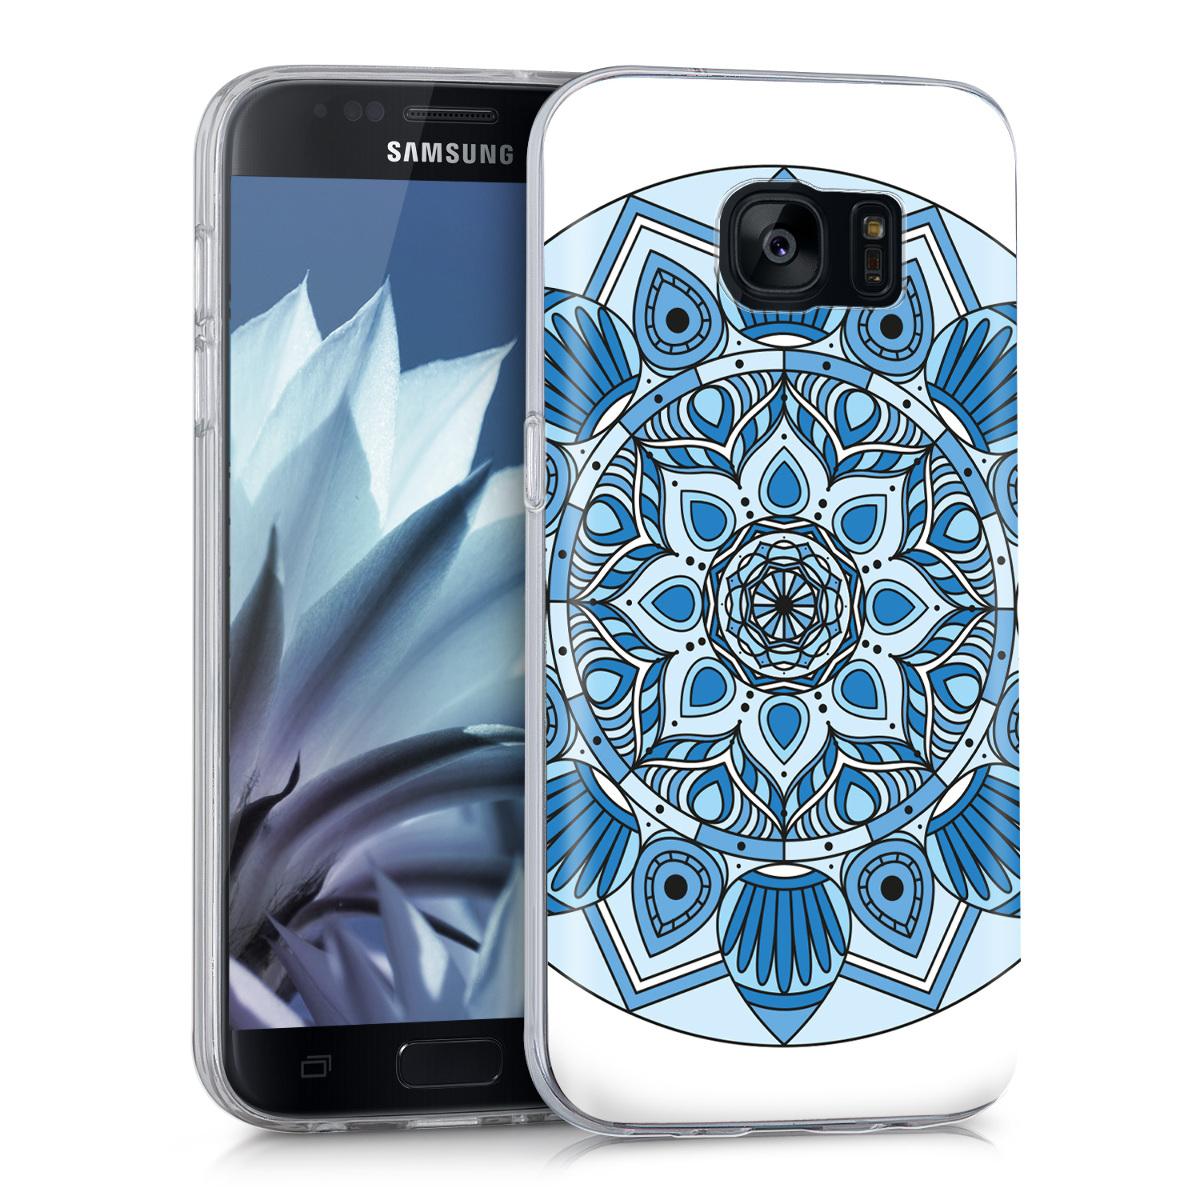 Kvalitní silikonové TPU pouzdro pro Samsung S7 - Mandala květ modré / světle  modré / bílé